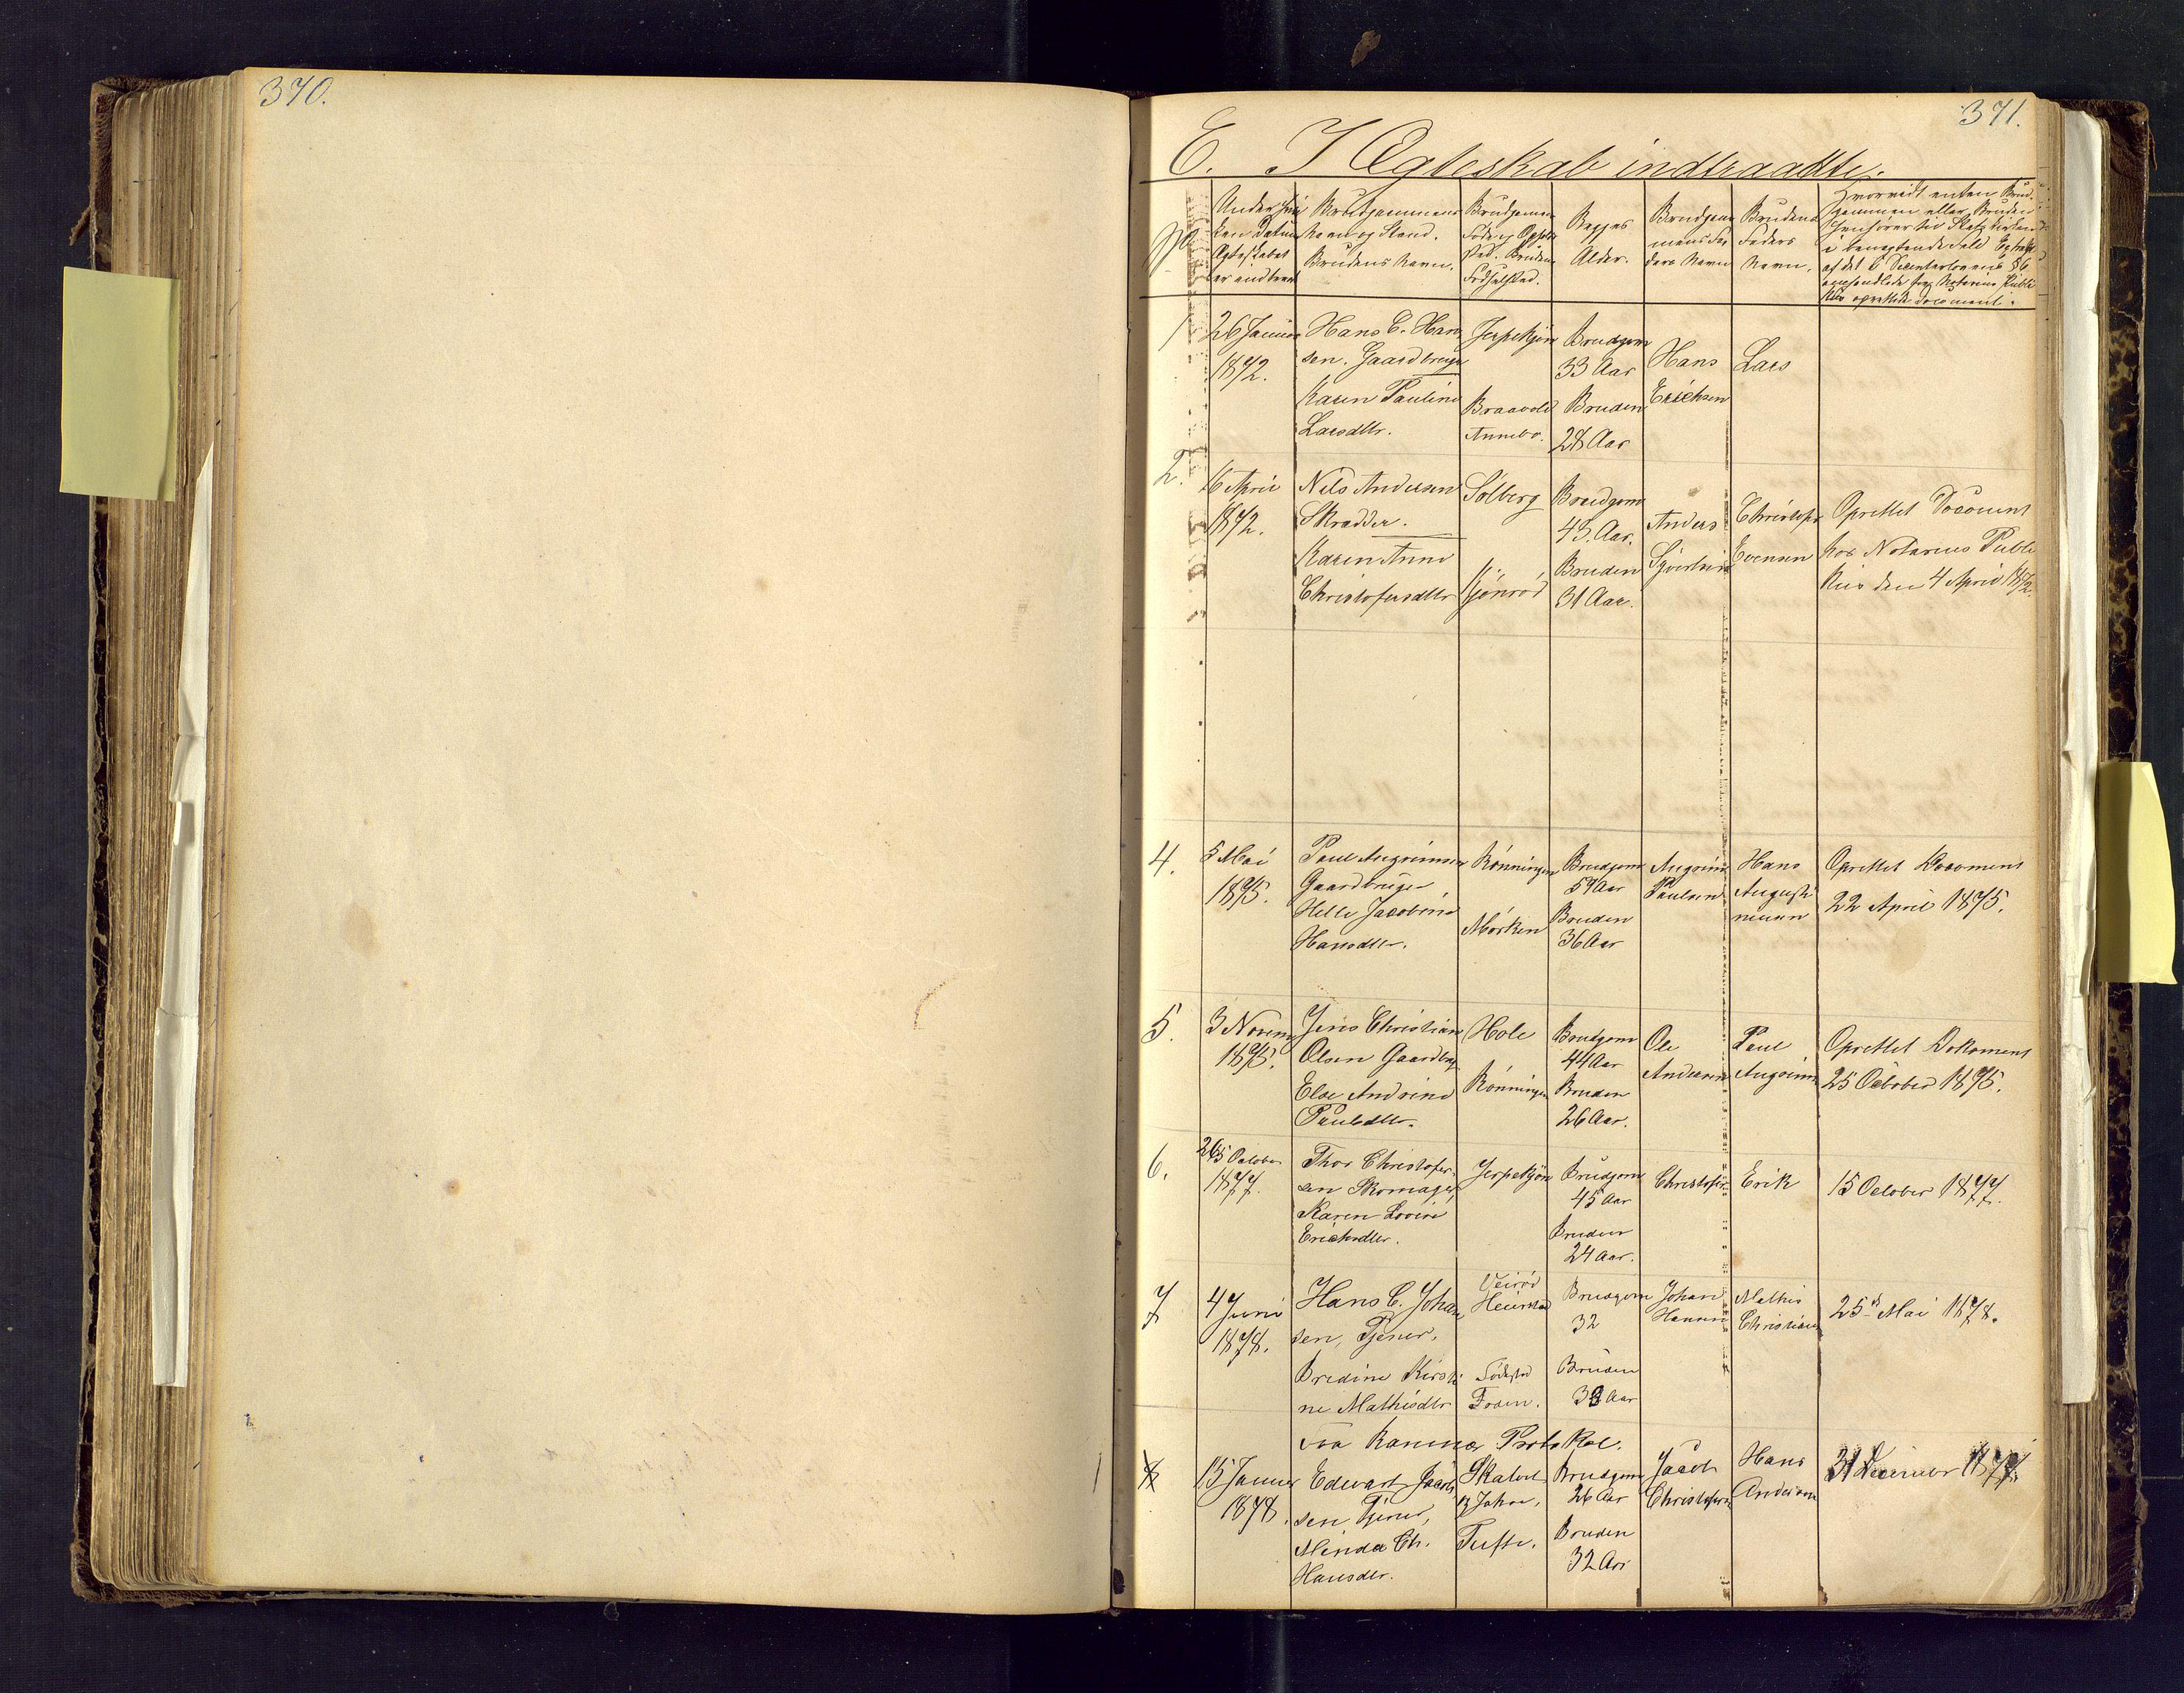 SAKO, Den evangeliske lutherske frimenighet (SAKO), Dissenterprotokoll nr. Fb/L0001, 1872-1907, s. 370-371